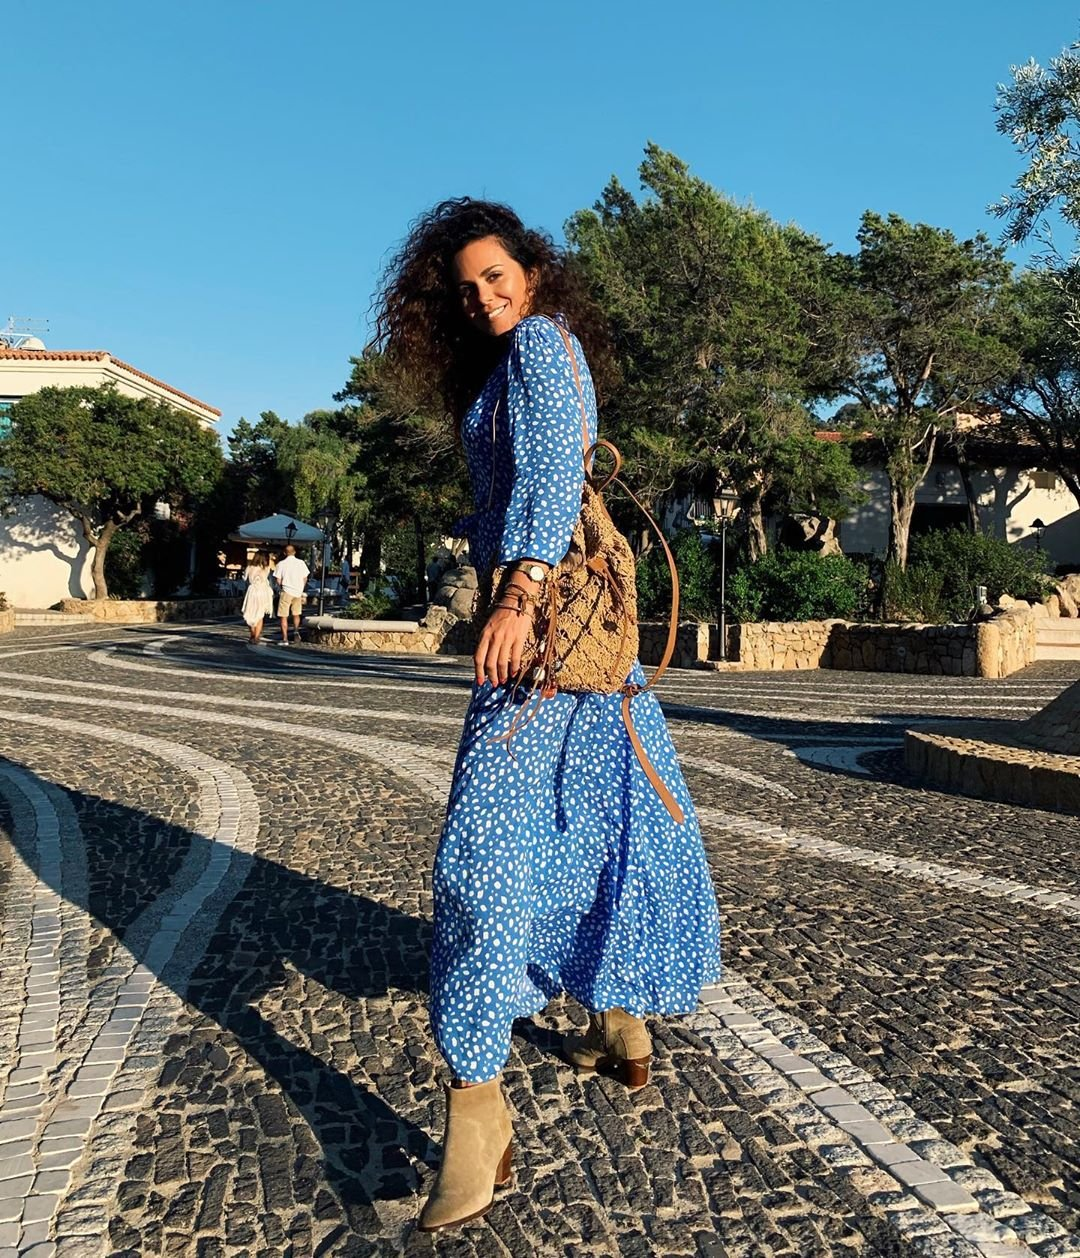 Новый стильный образ Каменских в Италии